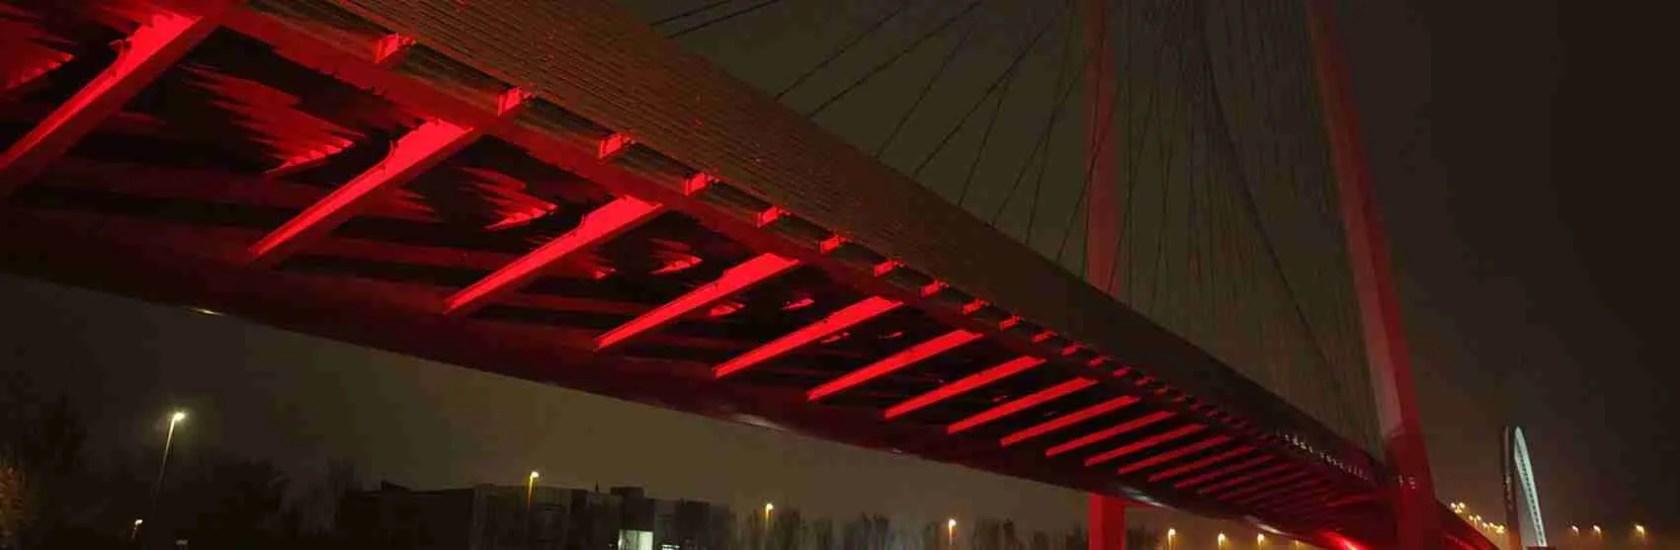 I 3 Ponti di Calatrava di Reggio Emilia sapranno stupire per la loro bellezza anche la escort Reggio Emilia. Magica Escort